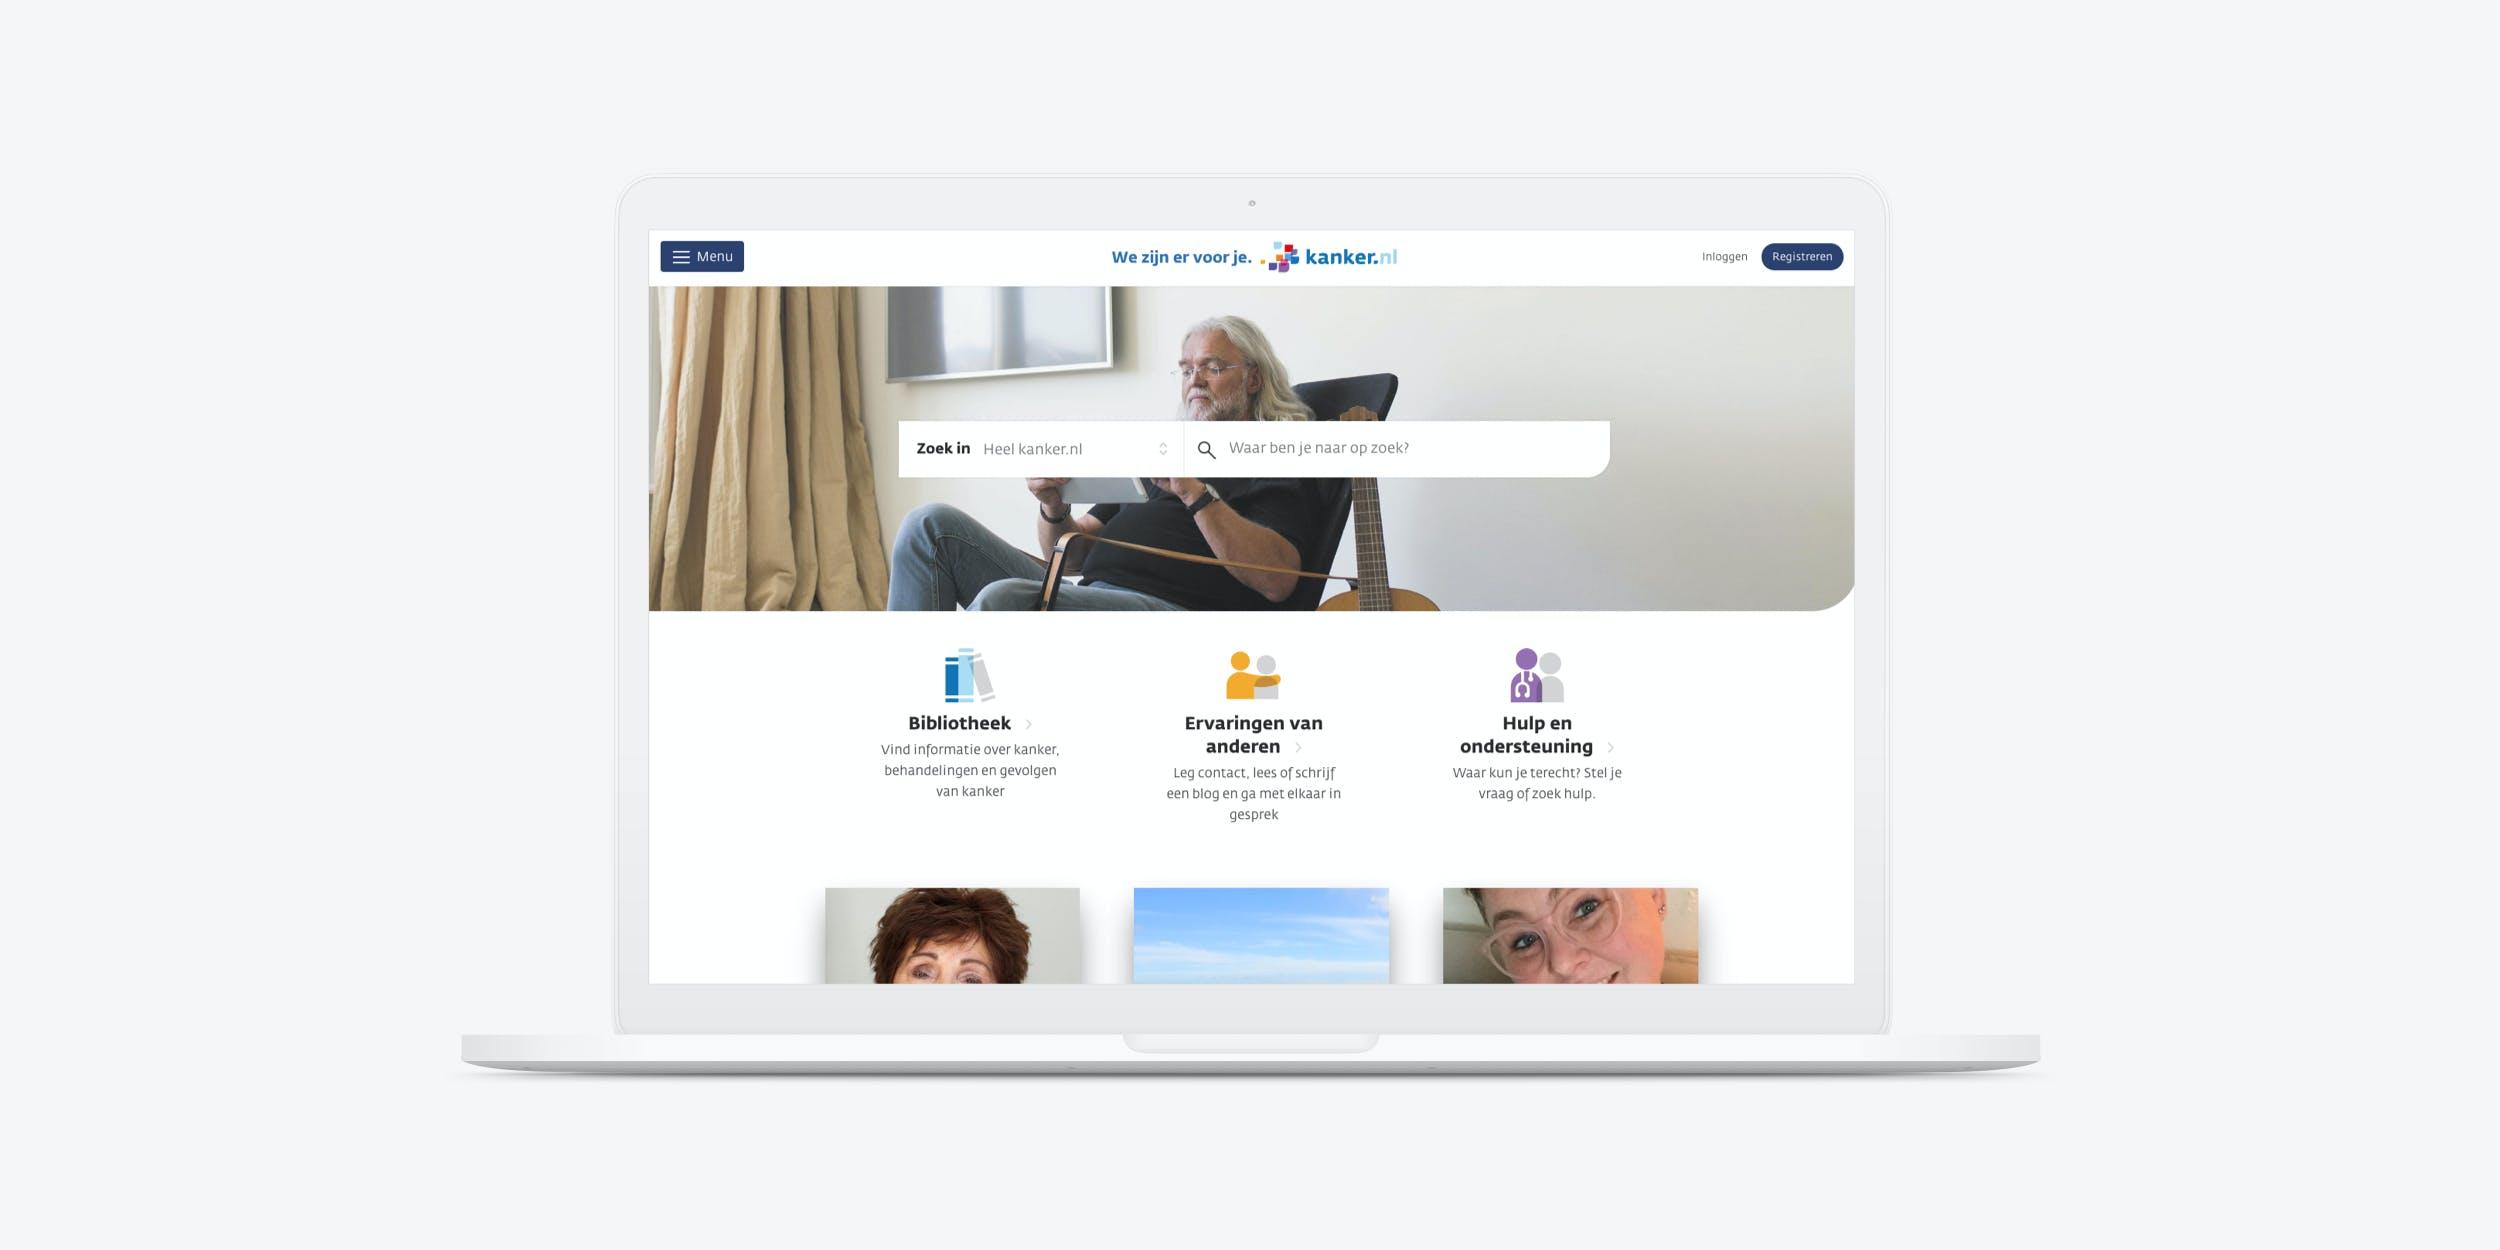 Kanker.nl Community Platform